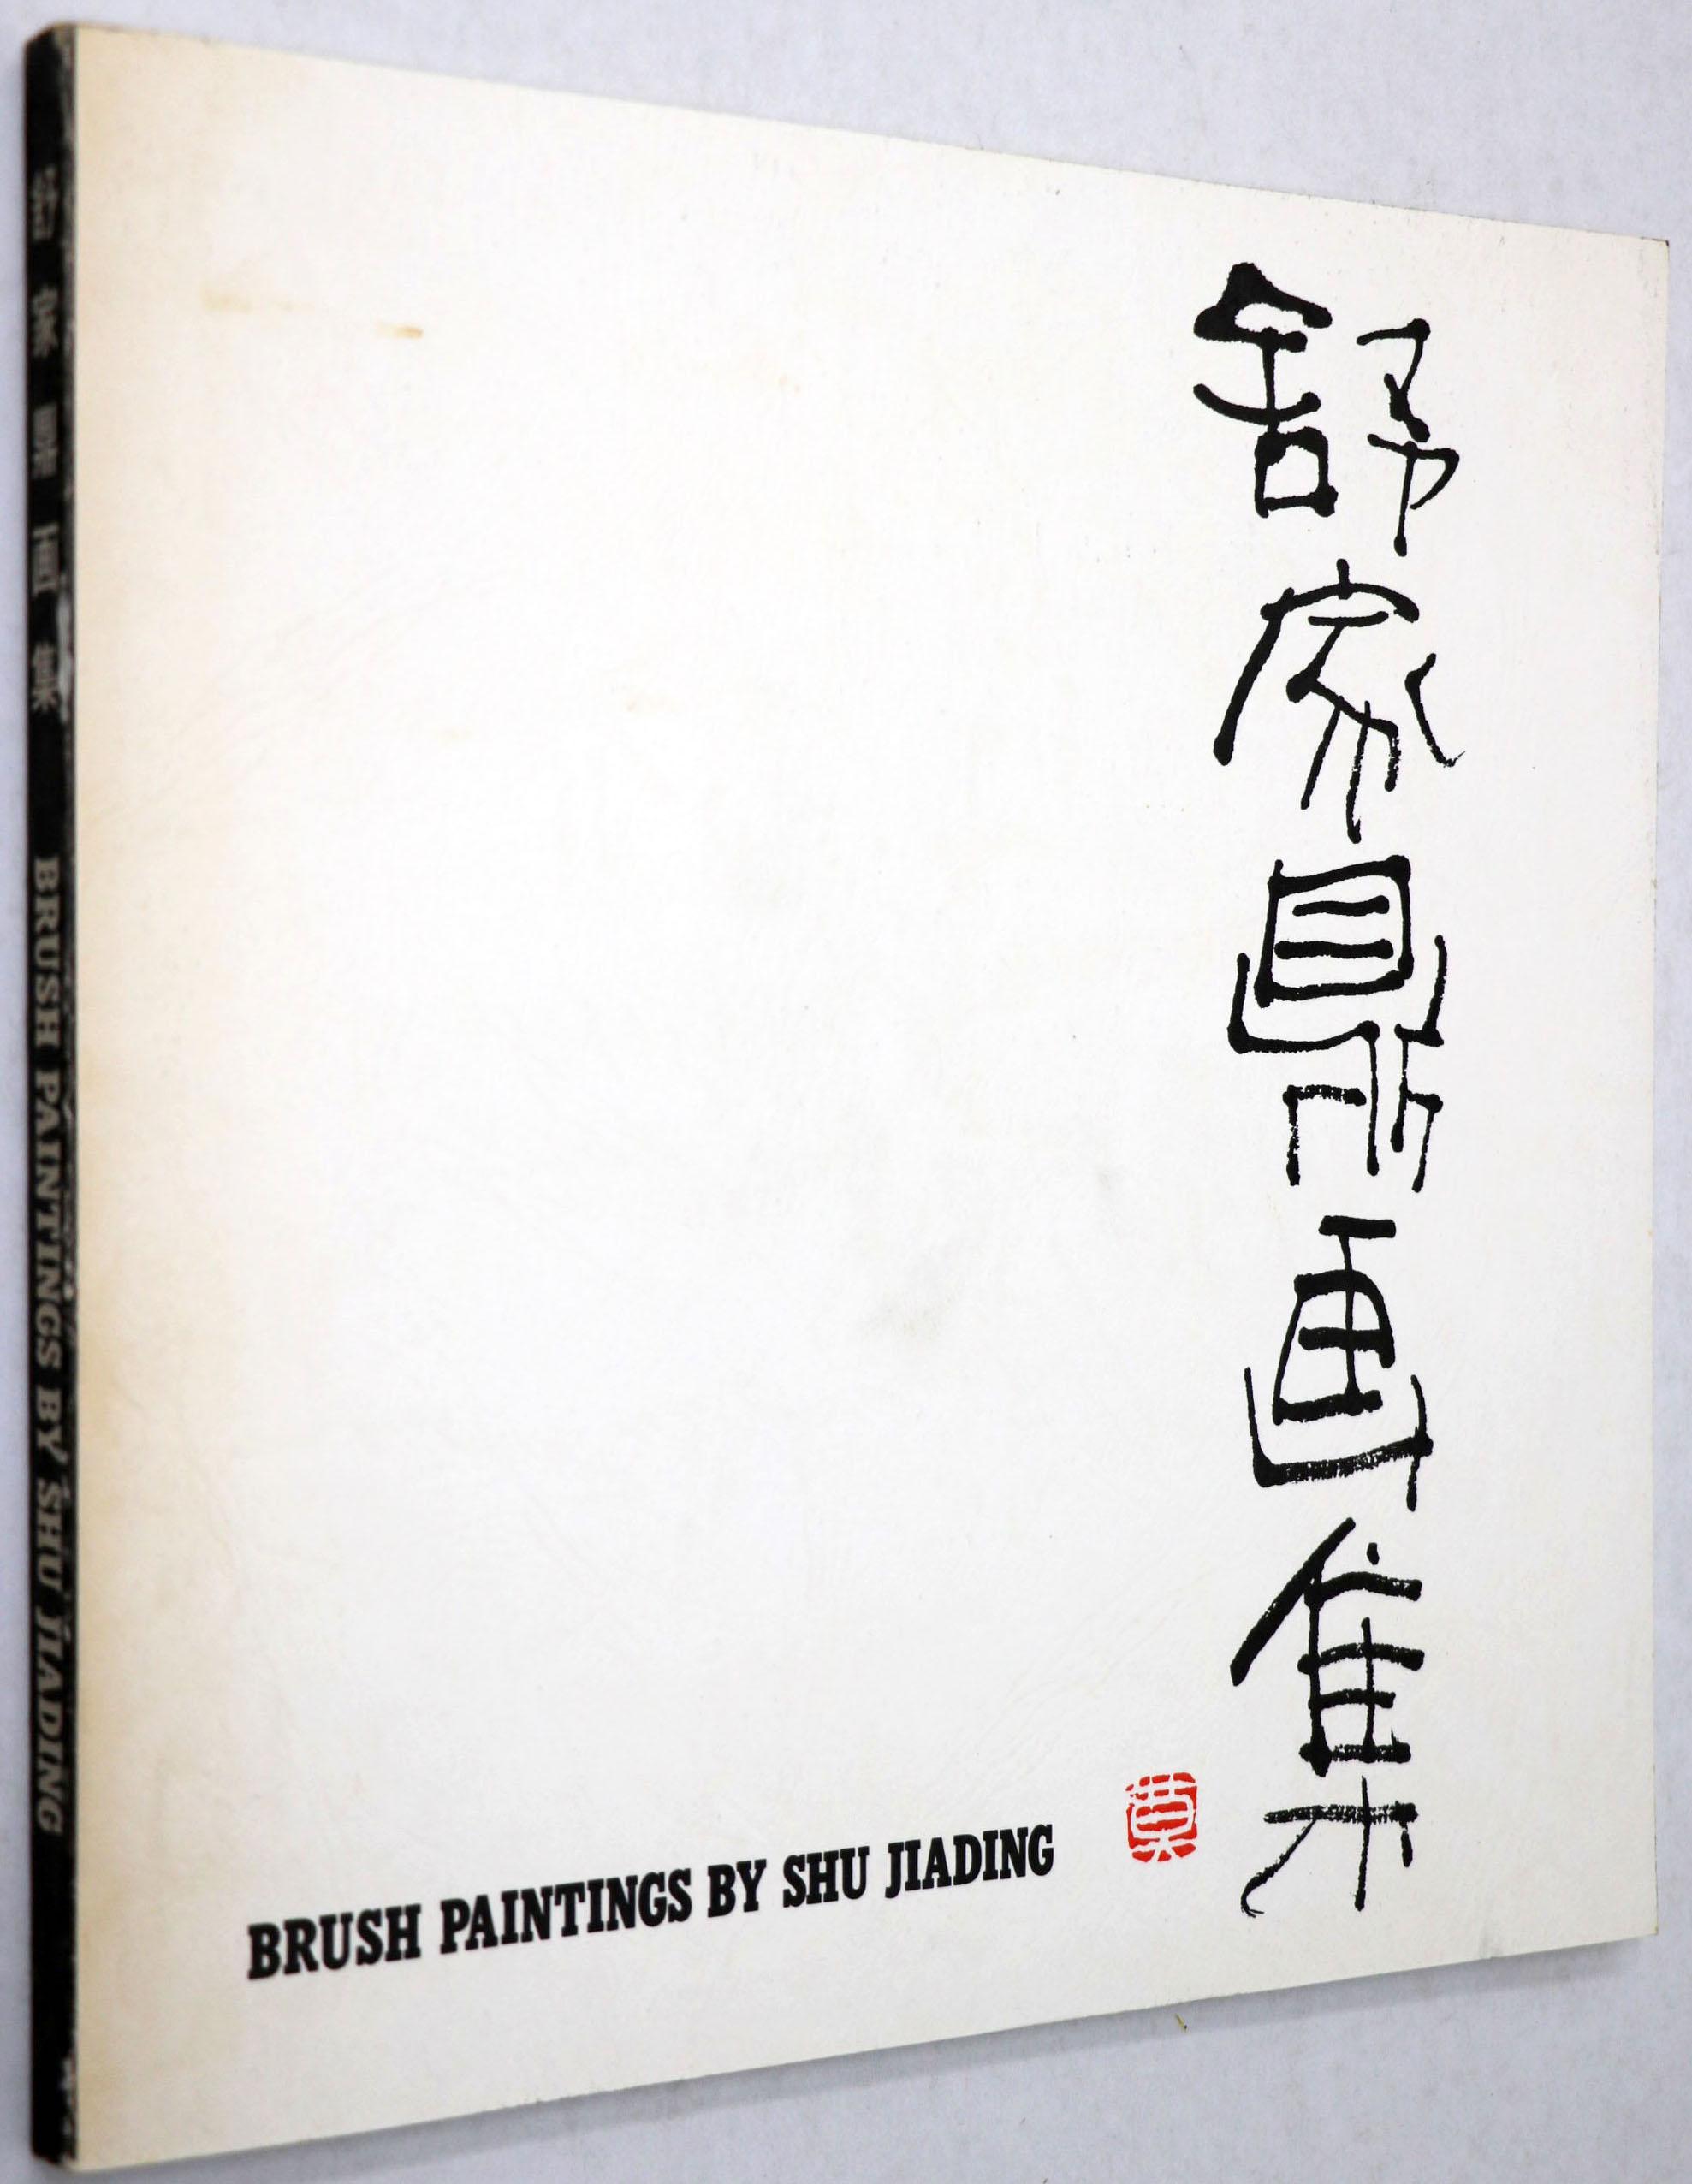 舒家鼎画集 BRUSH PAINTINGS BY SHU JIADING